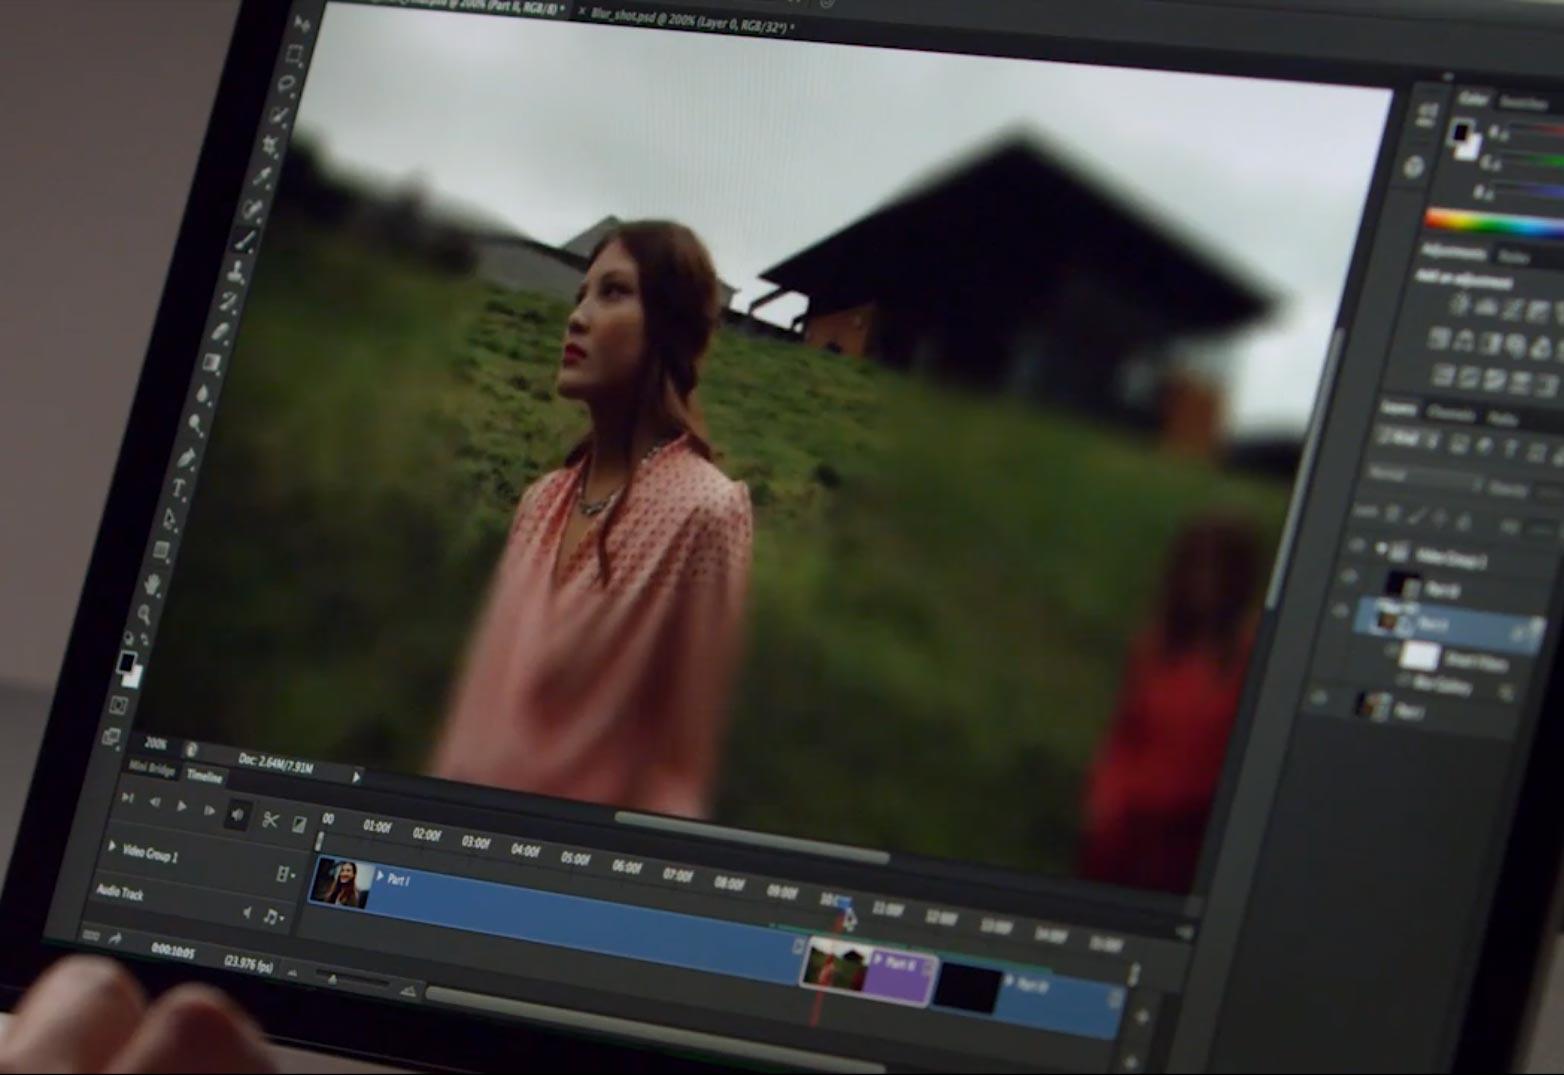 smart objects in video